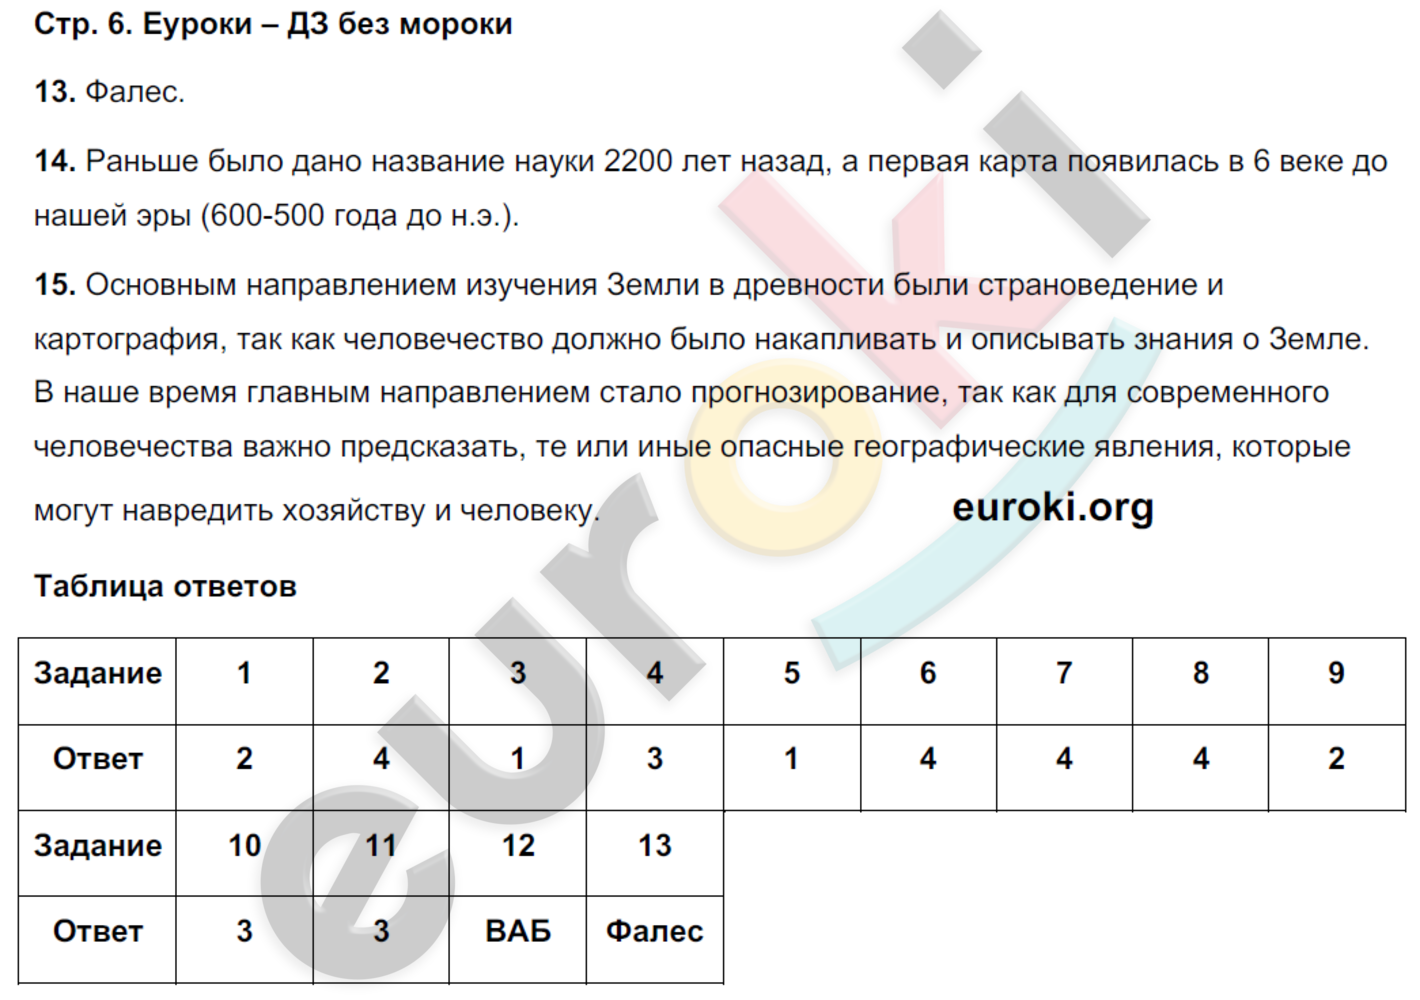 ГДЗ по географии 5 класс тетрадь экзаменатор Барабанов. Задание: стр. 6